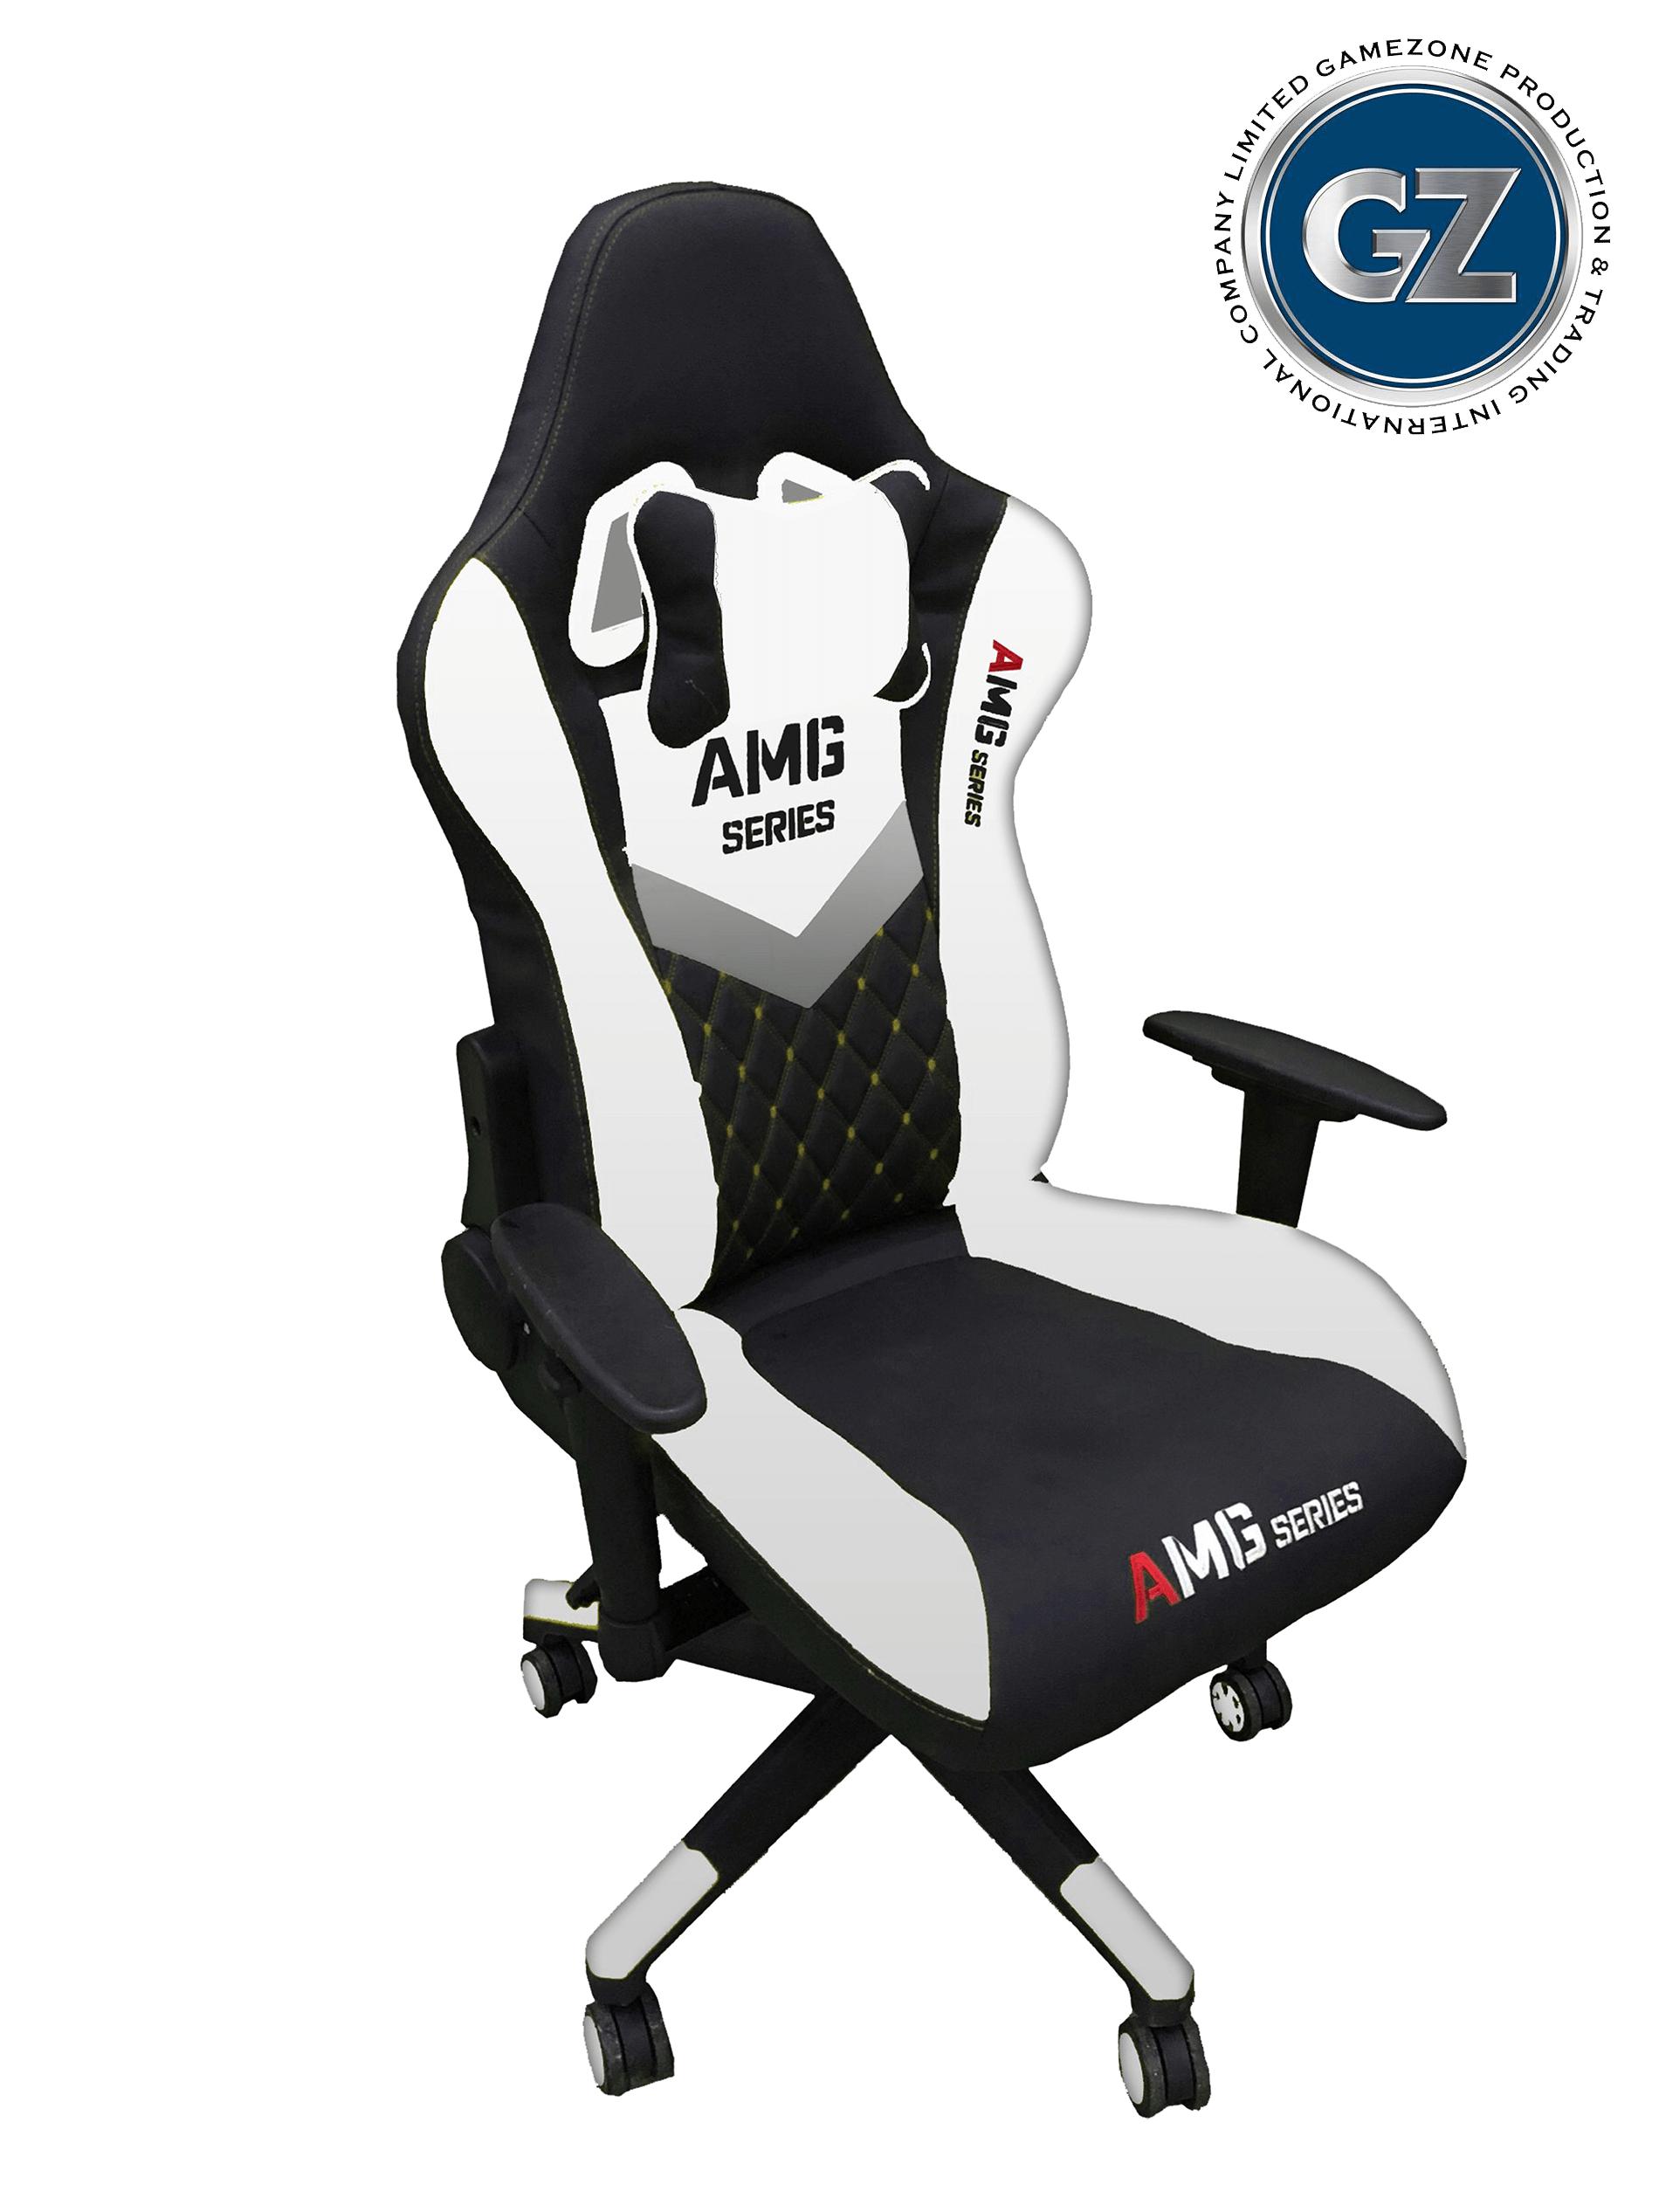 Ghế Game - GZ AMG Chân Xoay - Màu đen trắng